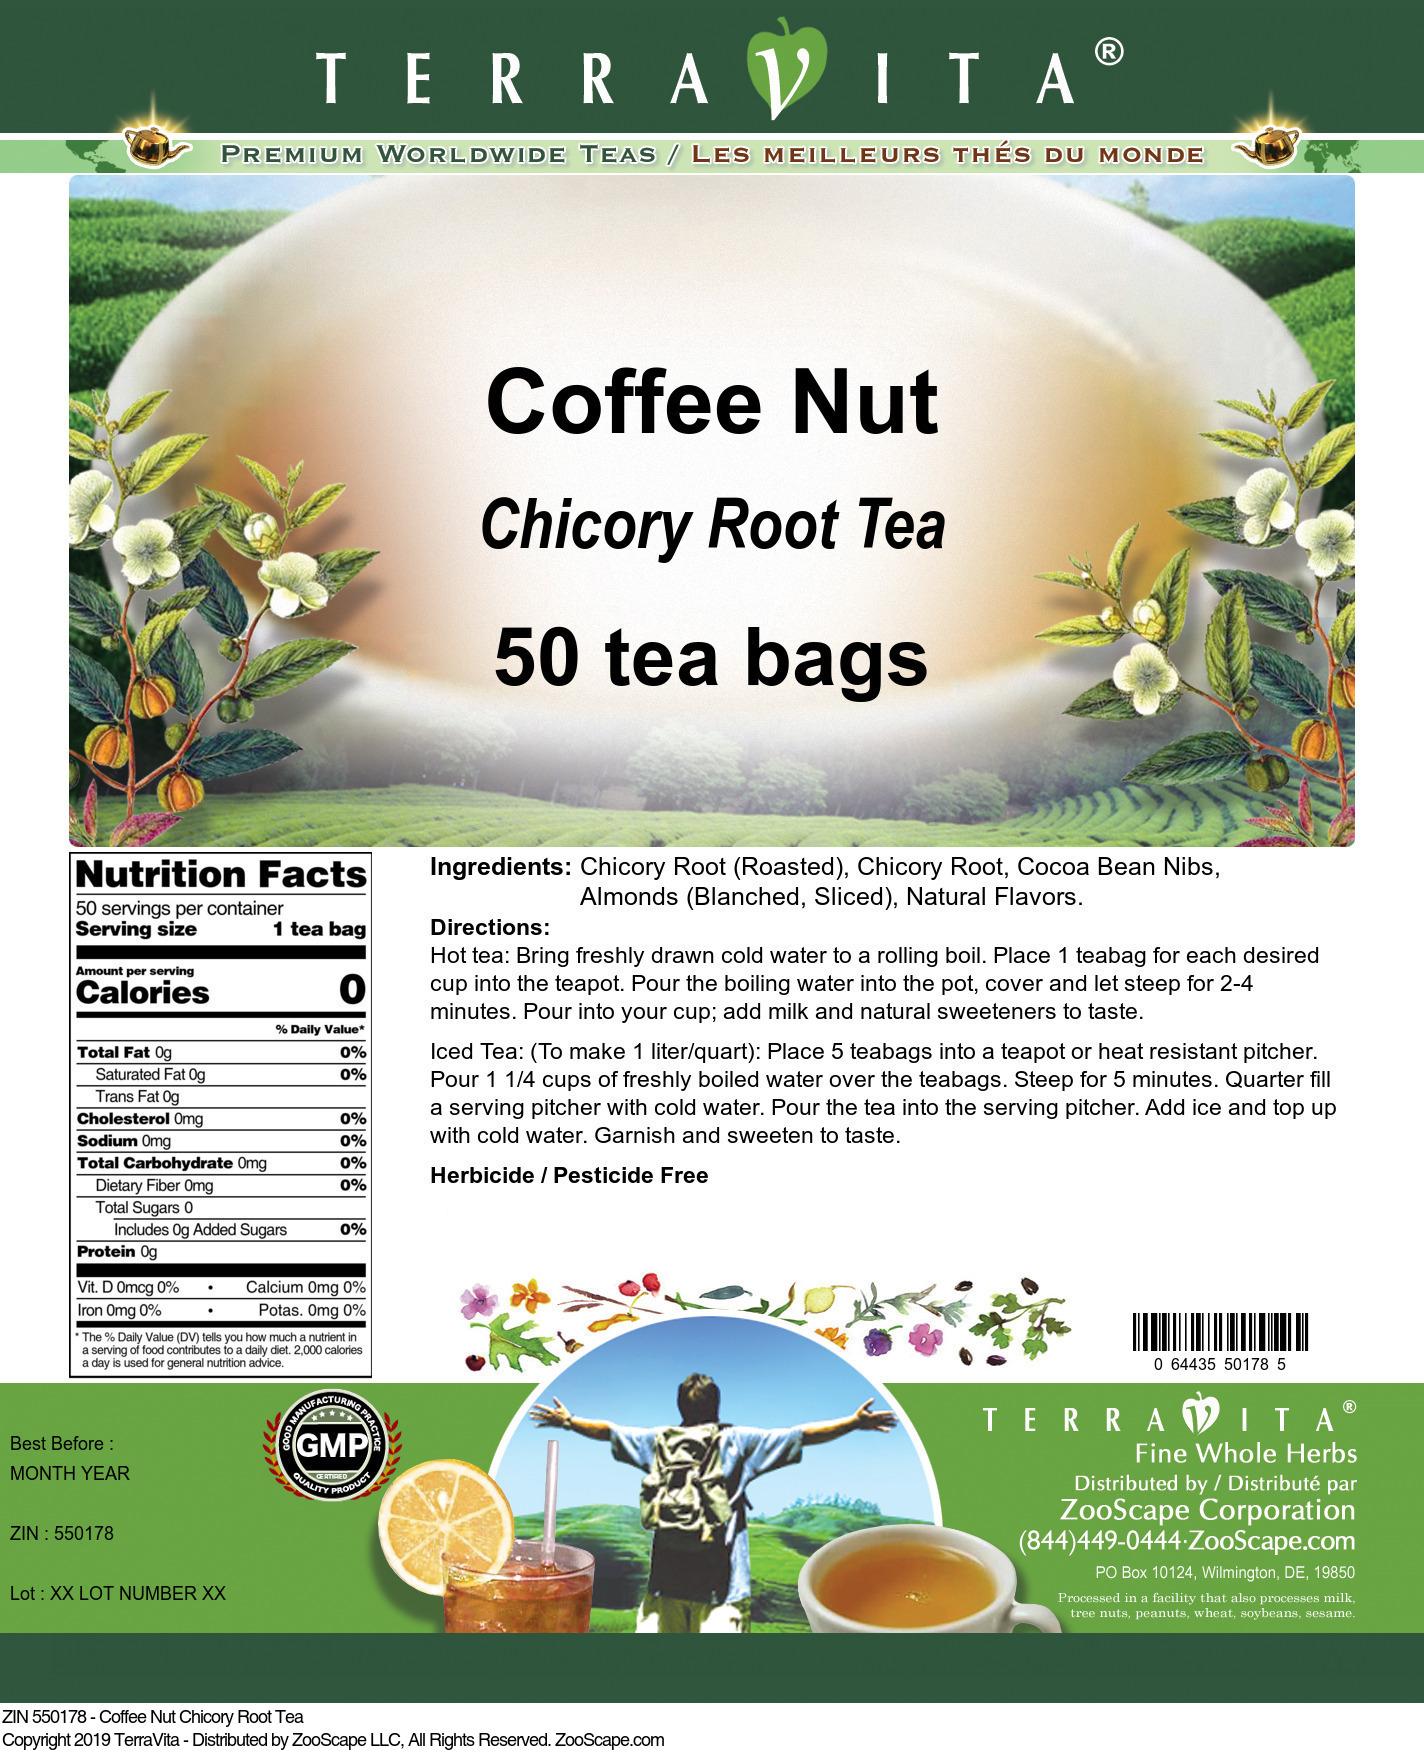 Coffee Nut Chicory Root Tea